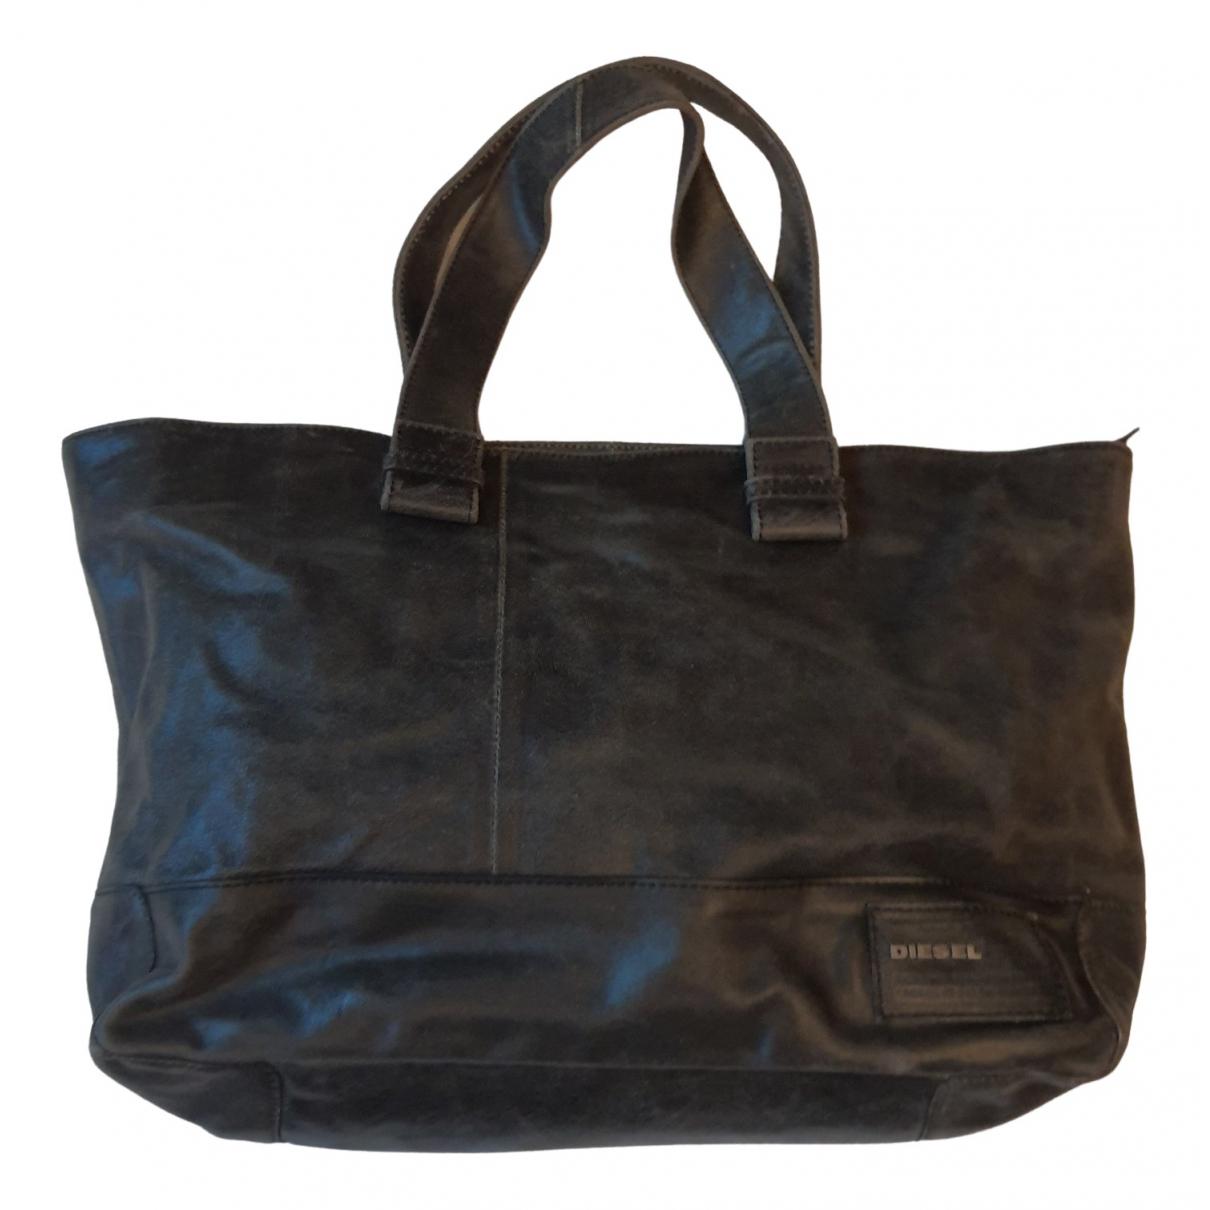 Diesel \N Handtasche in  Anthrazit Leder